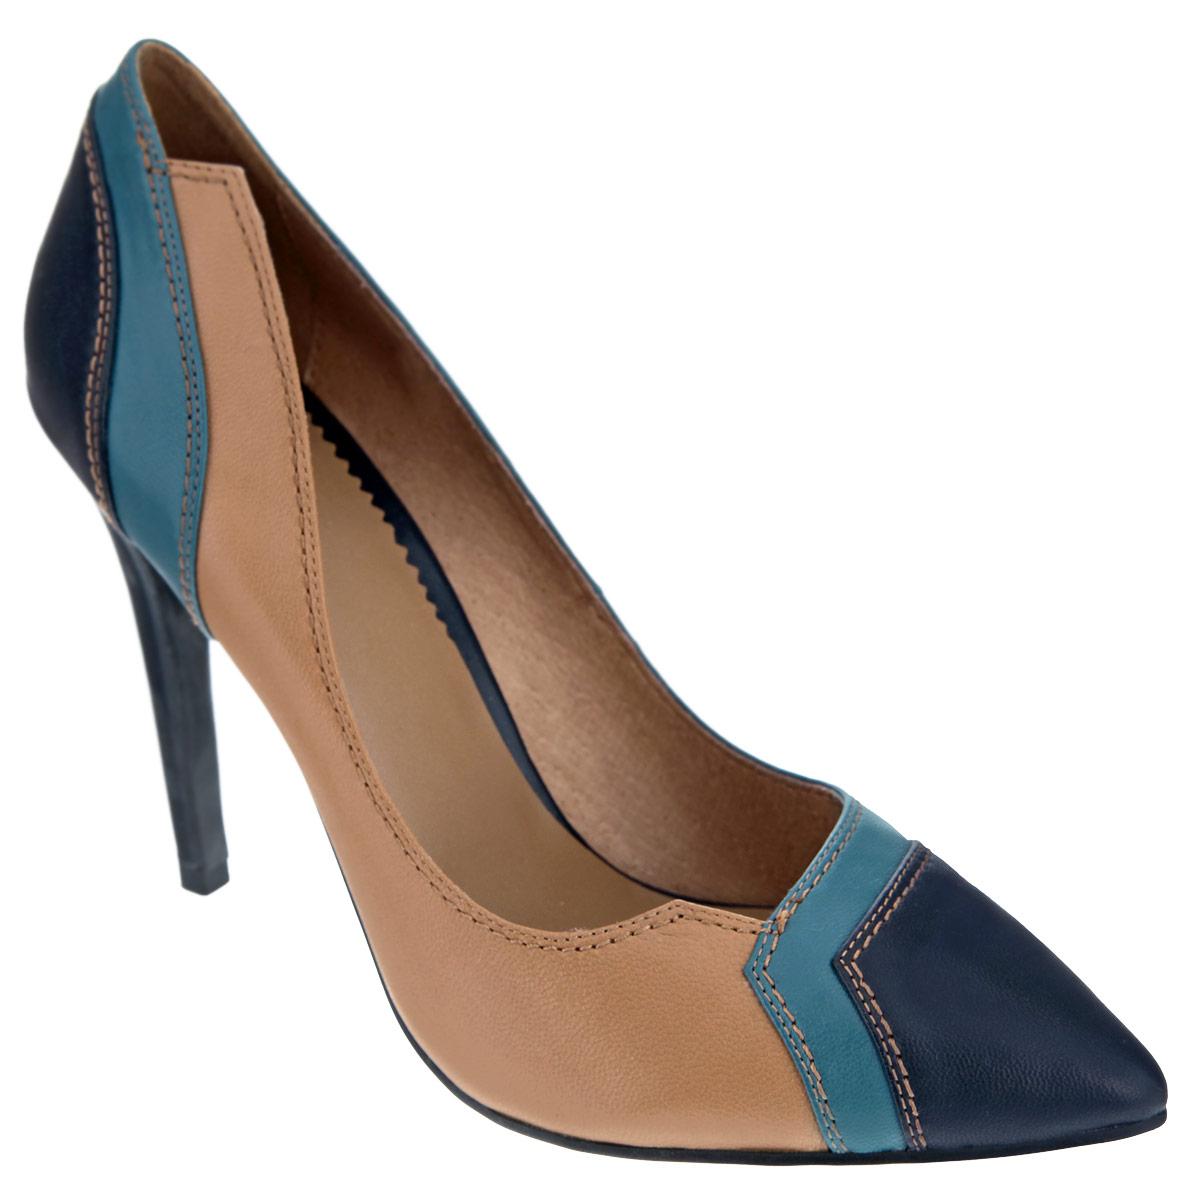 Туфли женские. X210-29BX210-29BЖенские туфли на шпильке от Lisette прекрасно подчеркнут ваш стиль. Верх модели выполнен из натуральной кожи и оформлен цветными вставками. Внутренняя часть и стелька из натуральной кожи гарантируют комфорт и удобство при ходьбе. Подошва выполнена из прочной резины с противоскользящим рифлением. Такие туфли станут прекрасным дополнением вашего гардероба. Они сделают вас ярче и подчеркнут вашу индивидуальность!